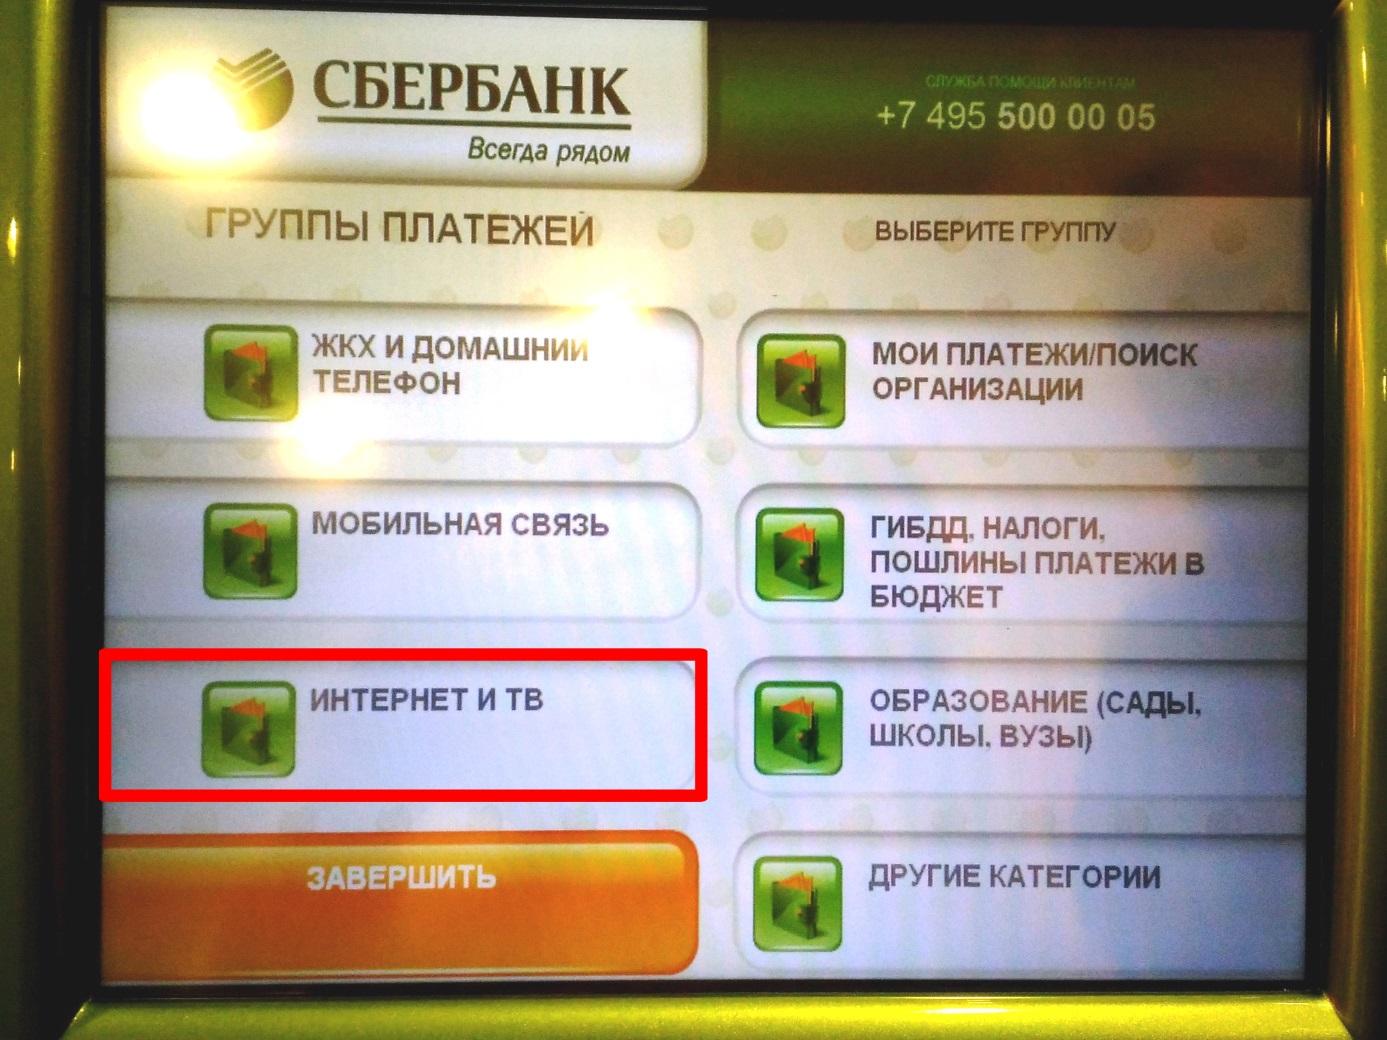 «Сбербанк» - Безналичный перевод по России с карты 69